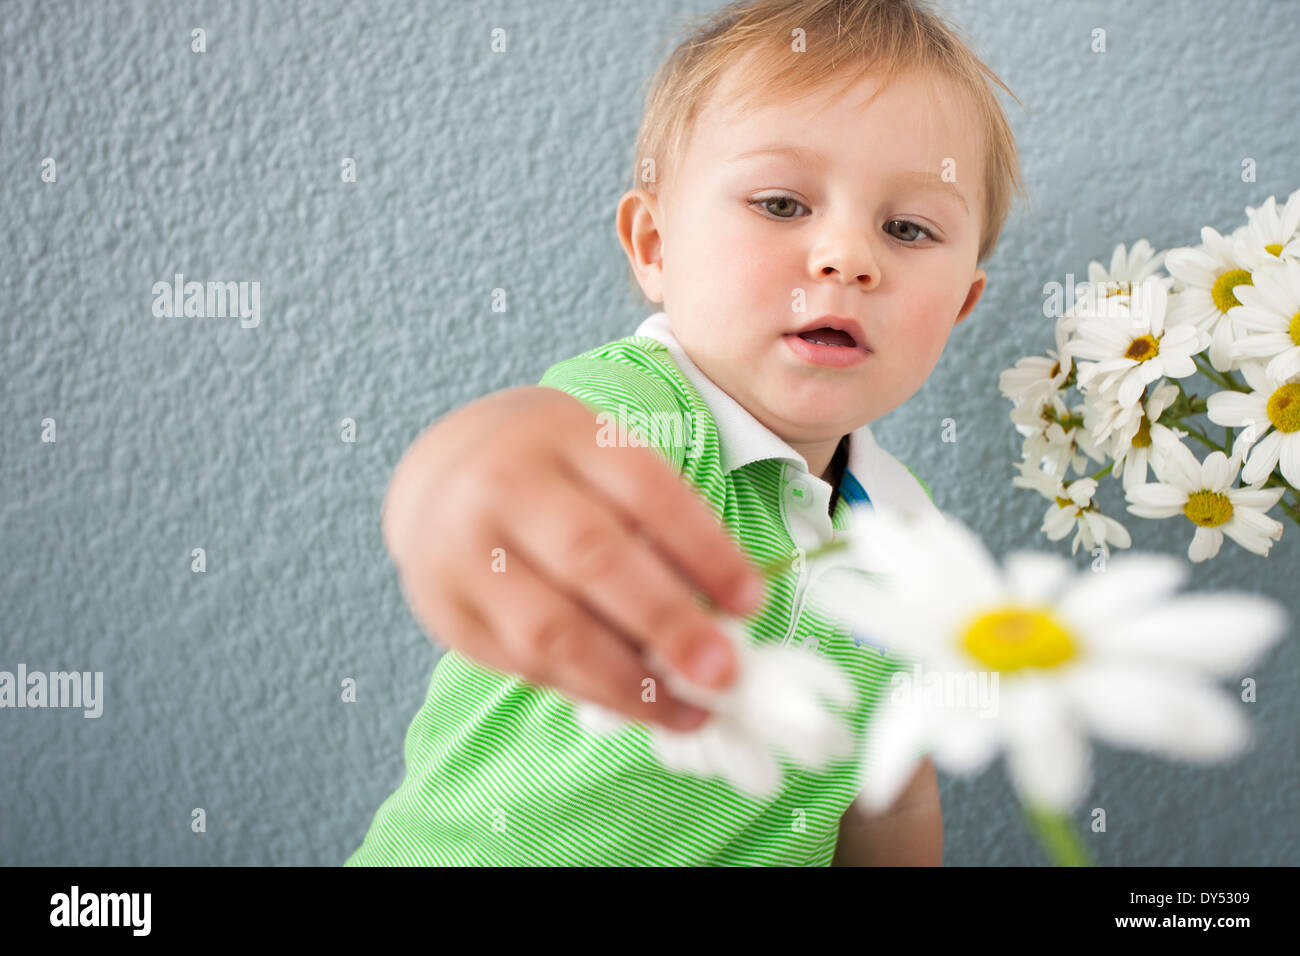 Bébé Garçon jouant avec des fleurs Photo Stock